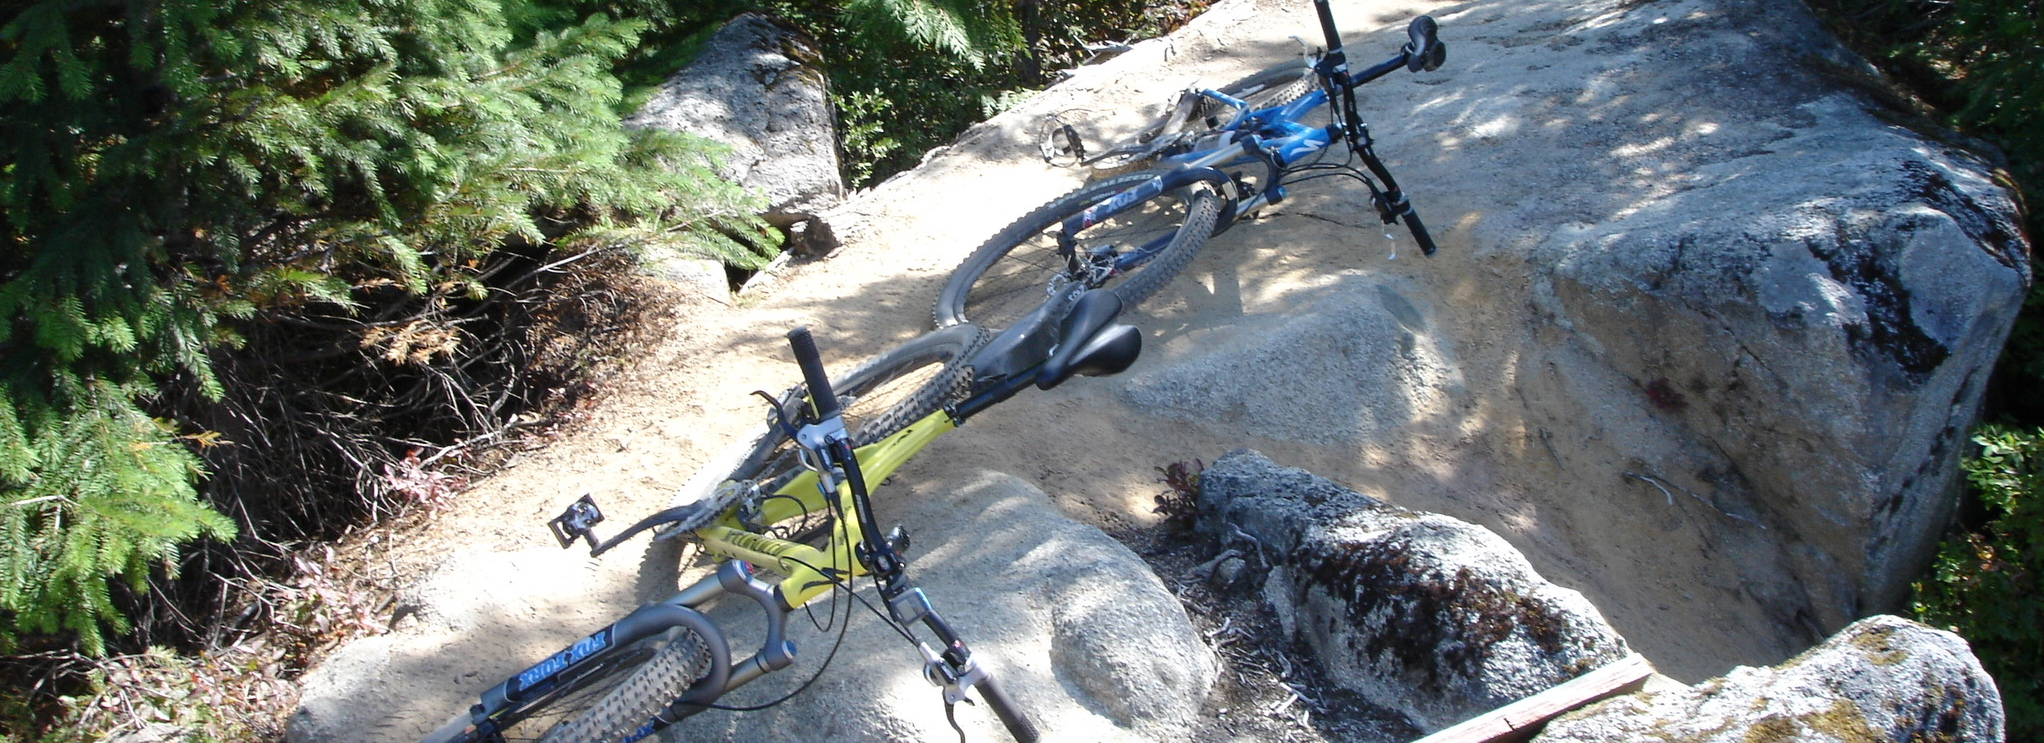 Camping & Biking